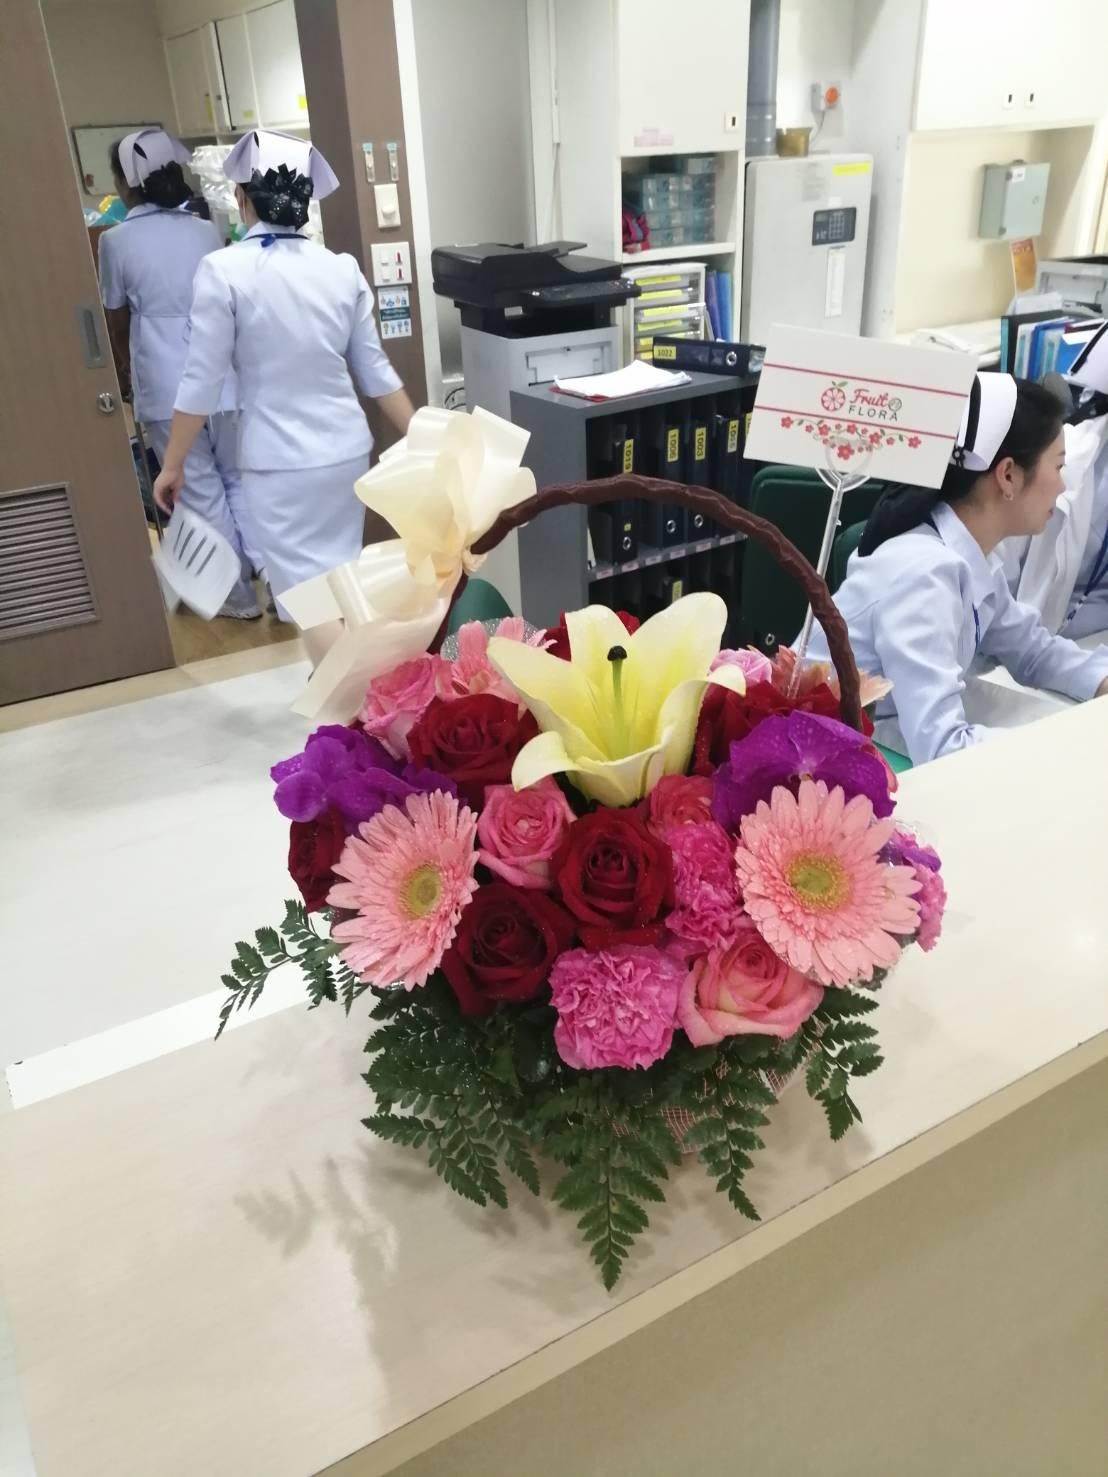 กระเช้าดอกไม้สไตล์มินิมอล สวยเนี้ยบด้วยดีไซน์ที่ออกแบบโดยช่างจัดคนเก่งค่ะ